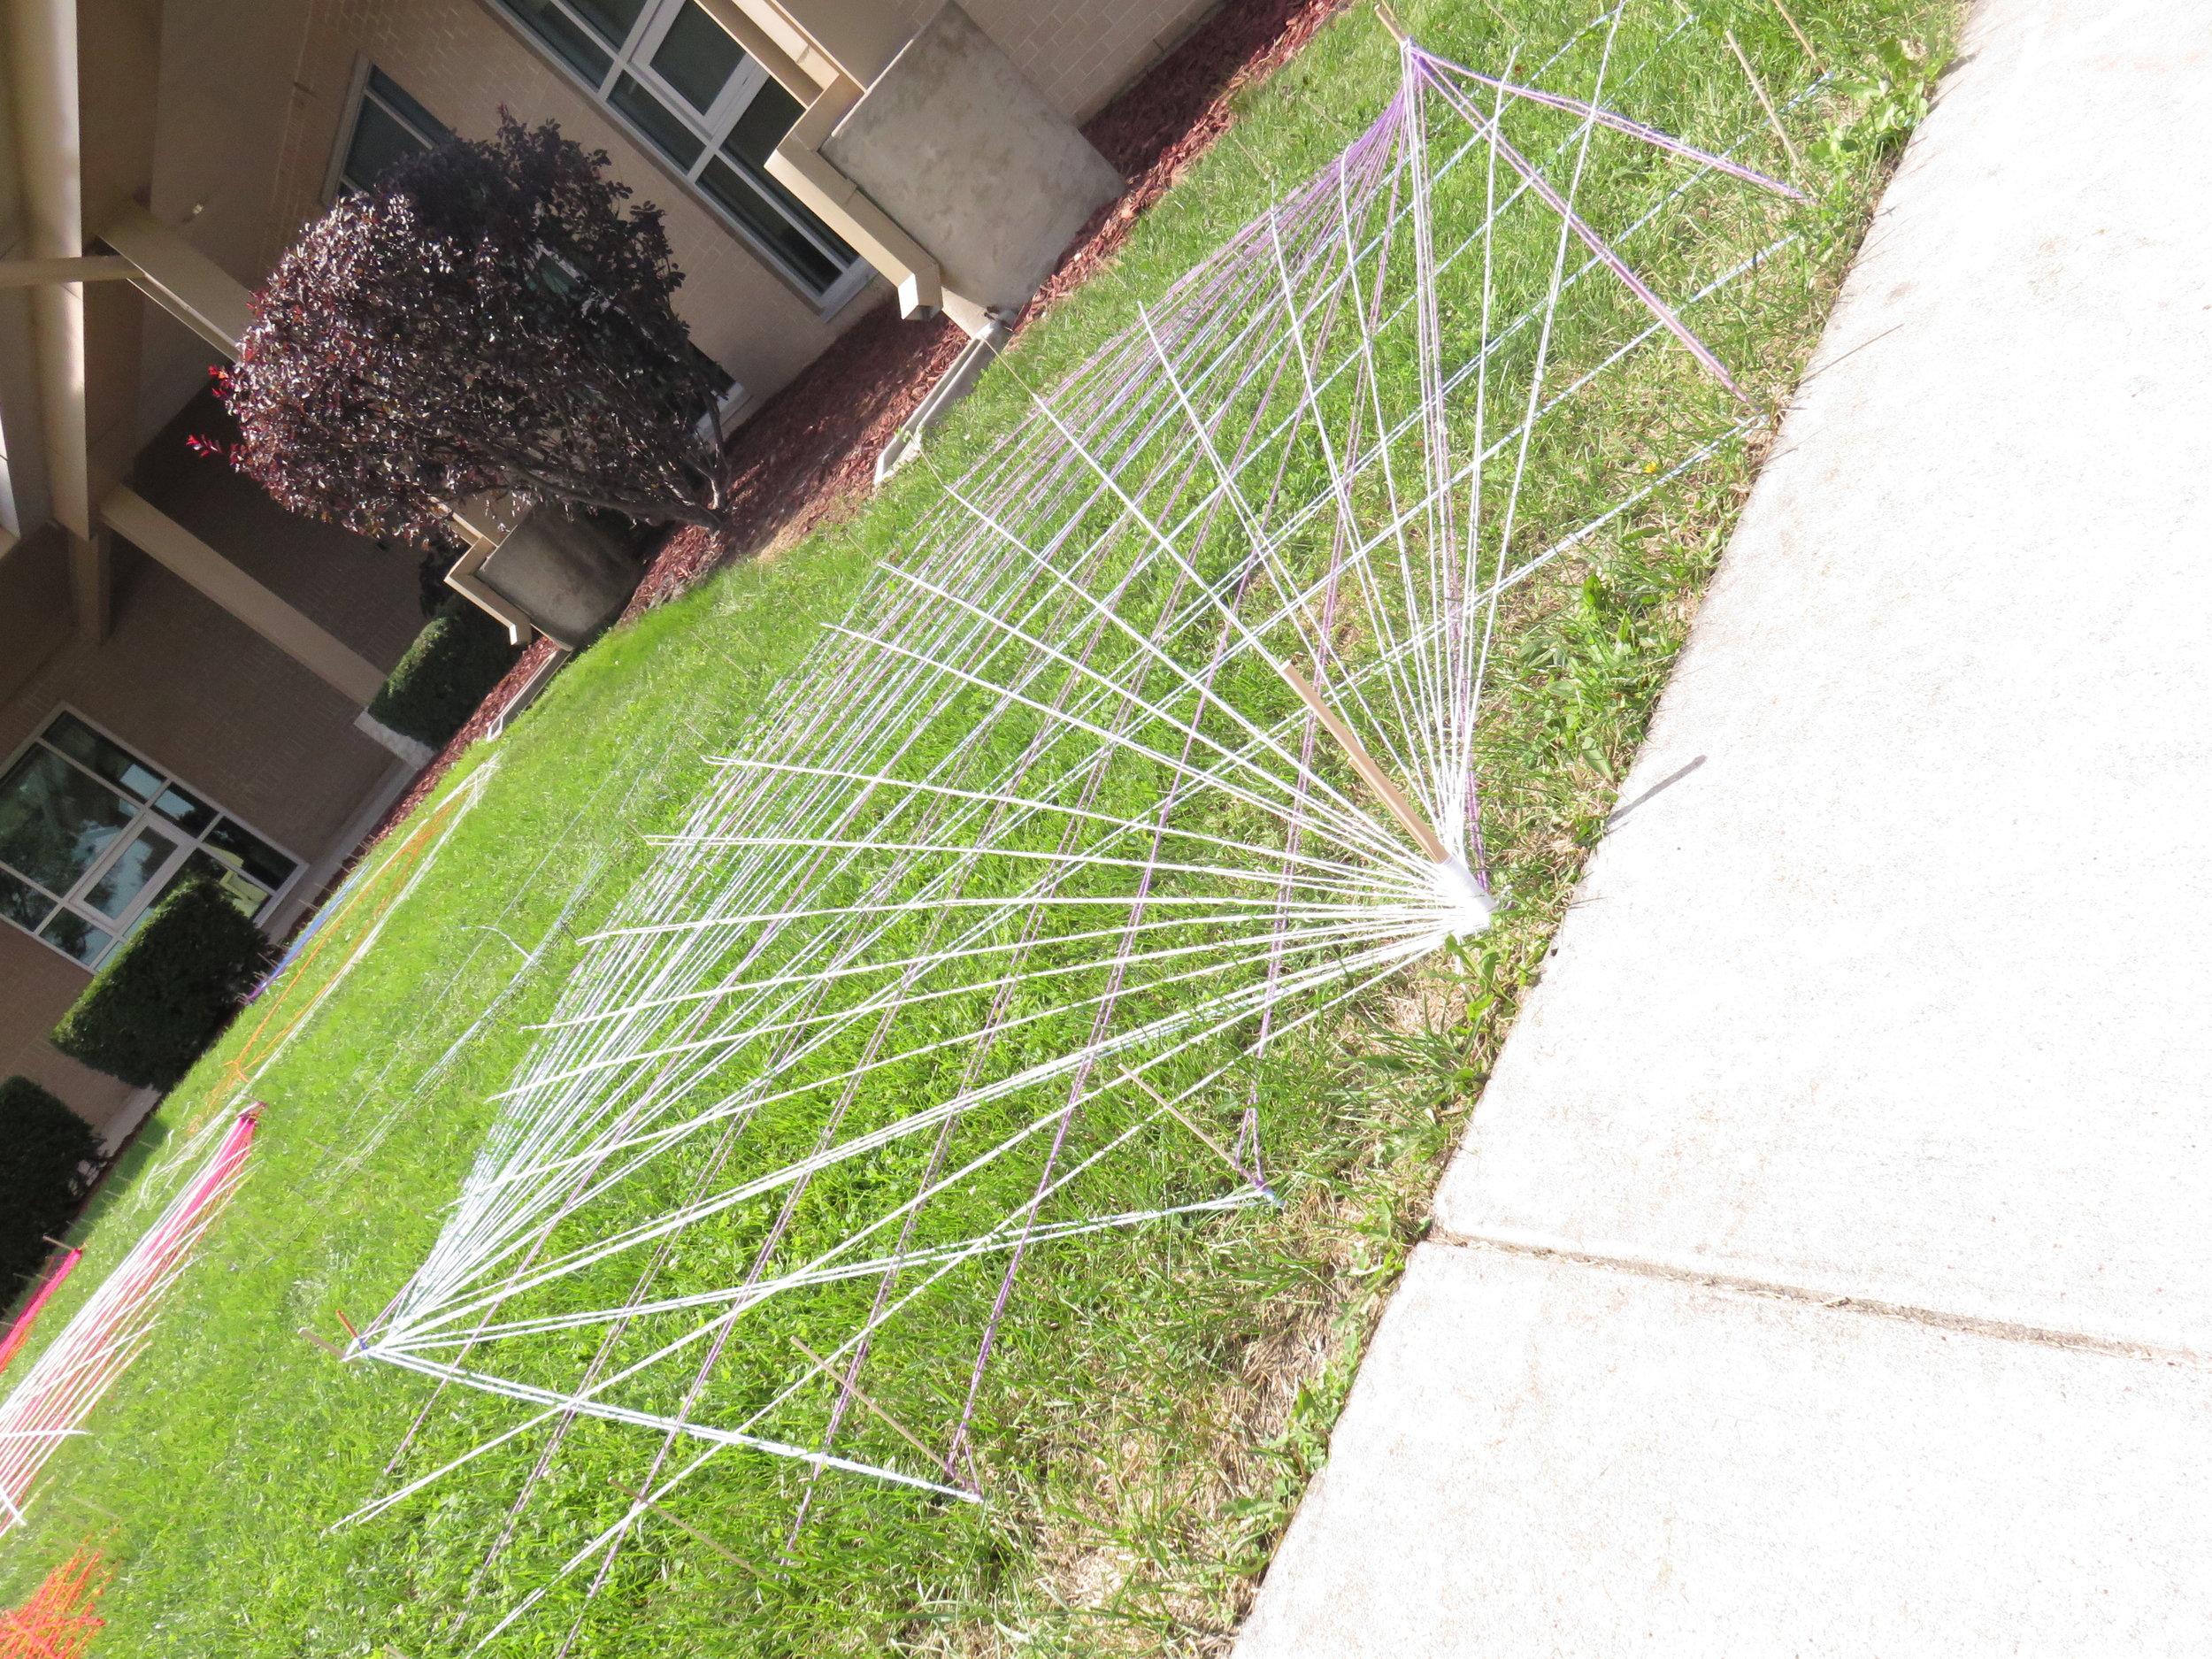 004-string_art_outside.JPG